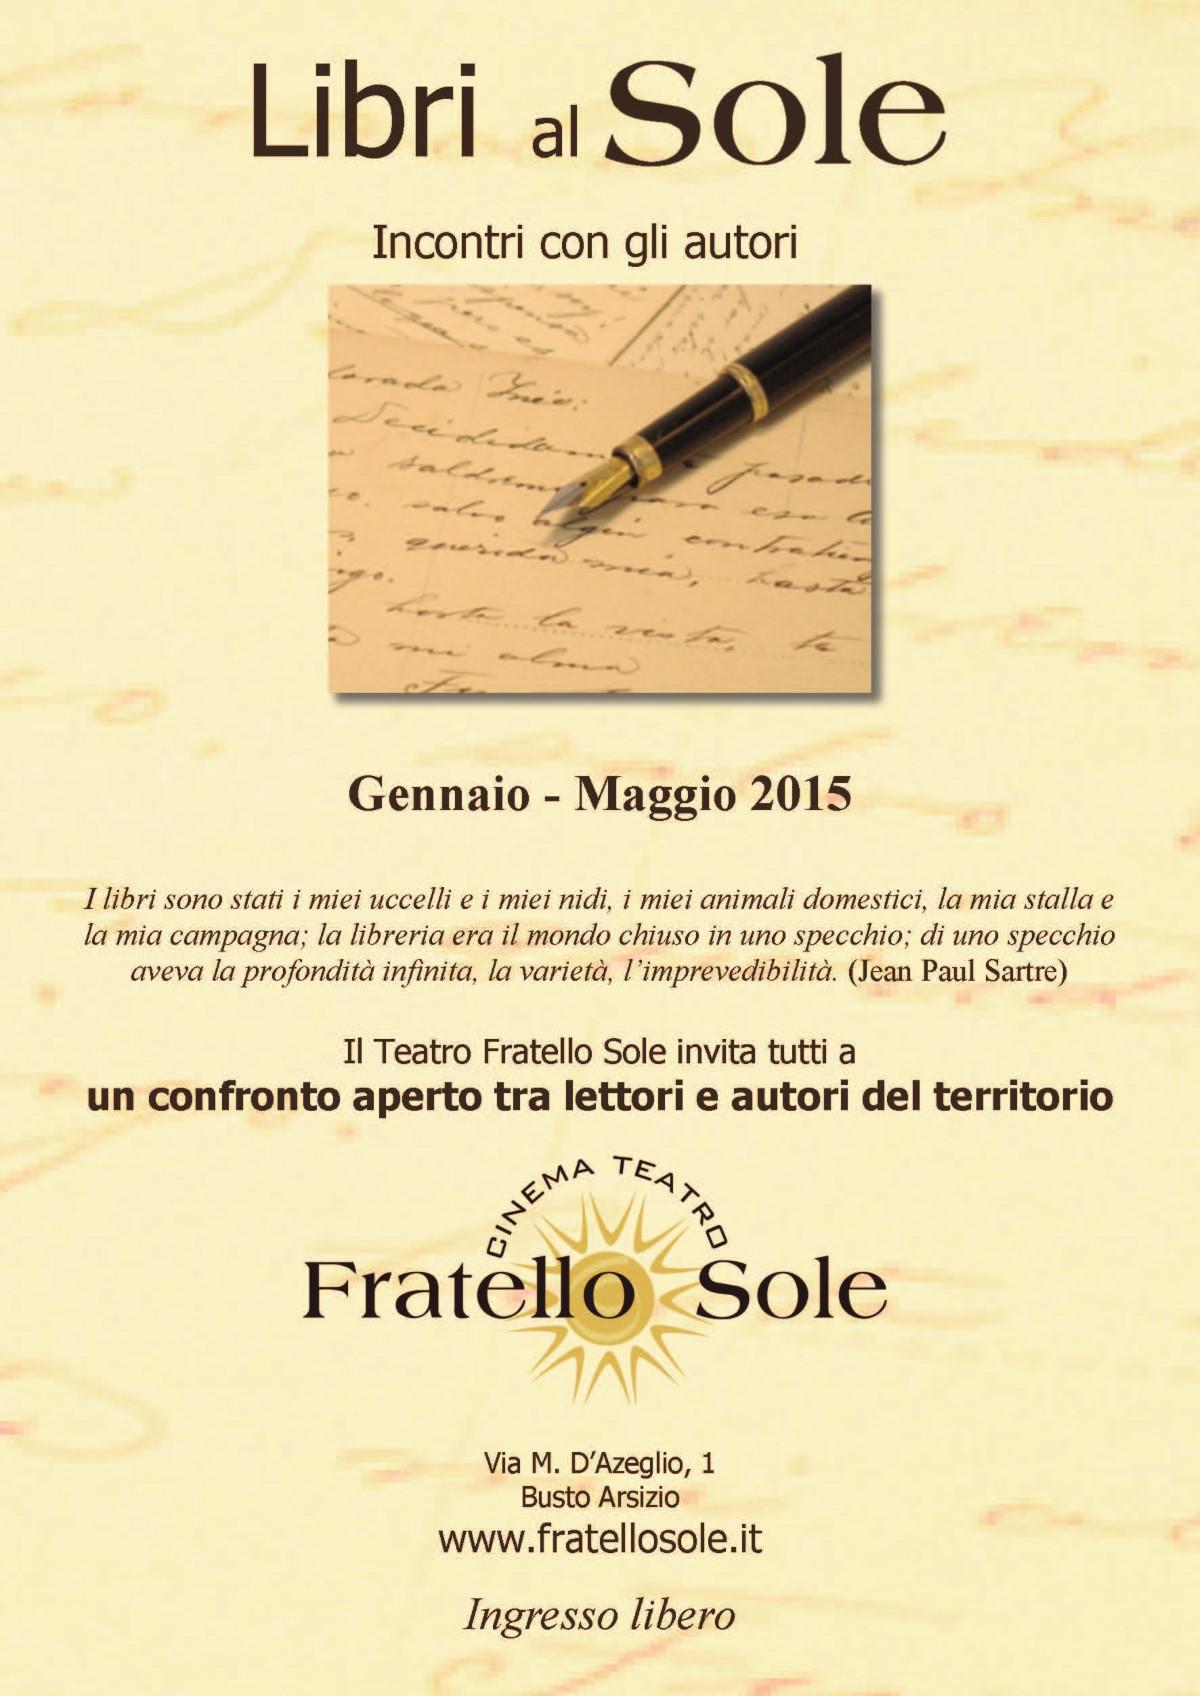 Gennaio-Maggio 2015 – Libri al Sole – Incontri con gli autori